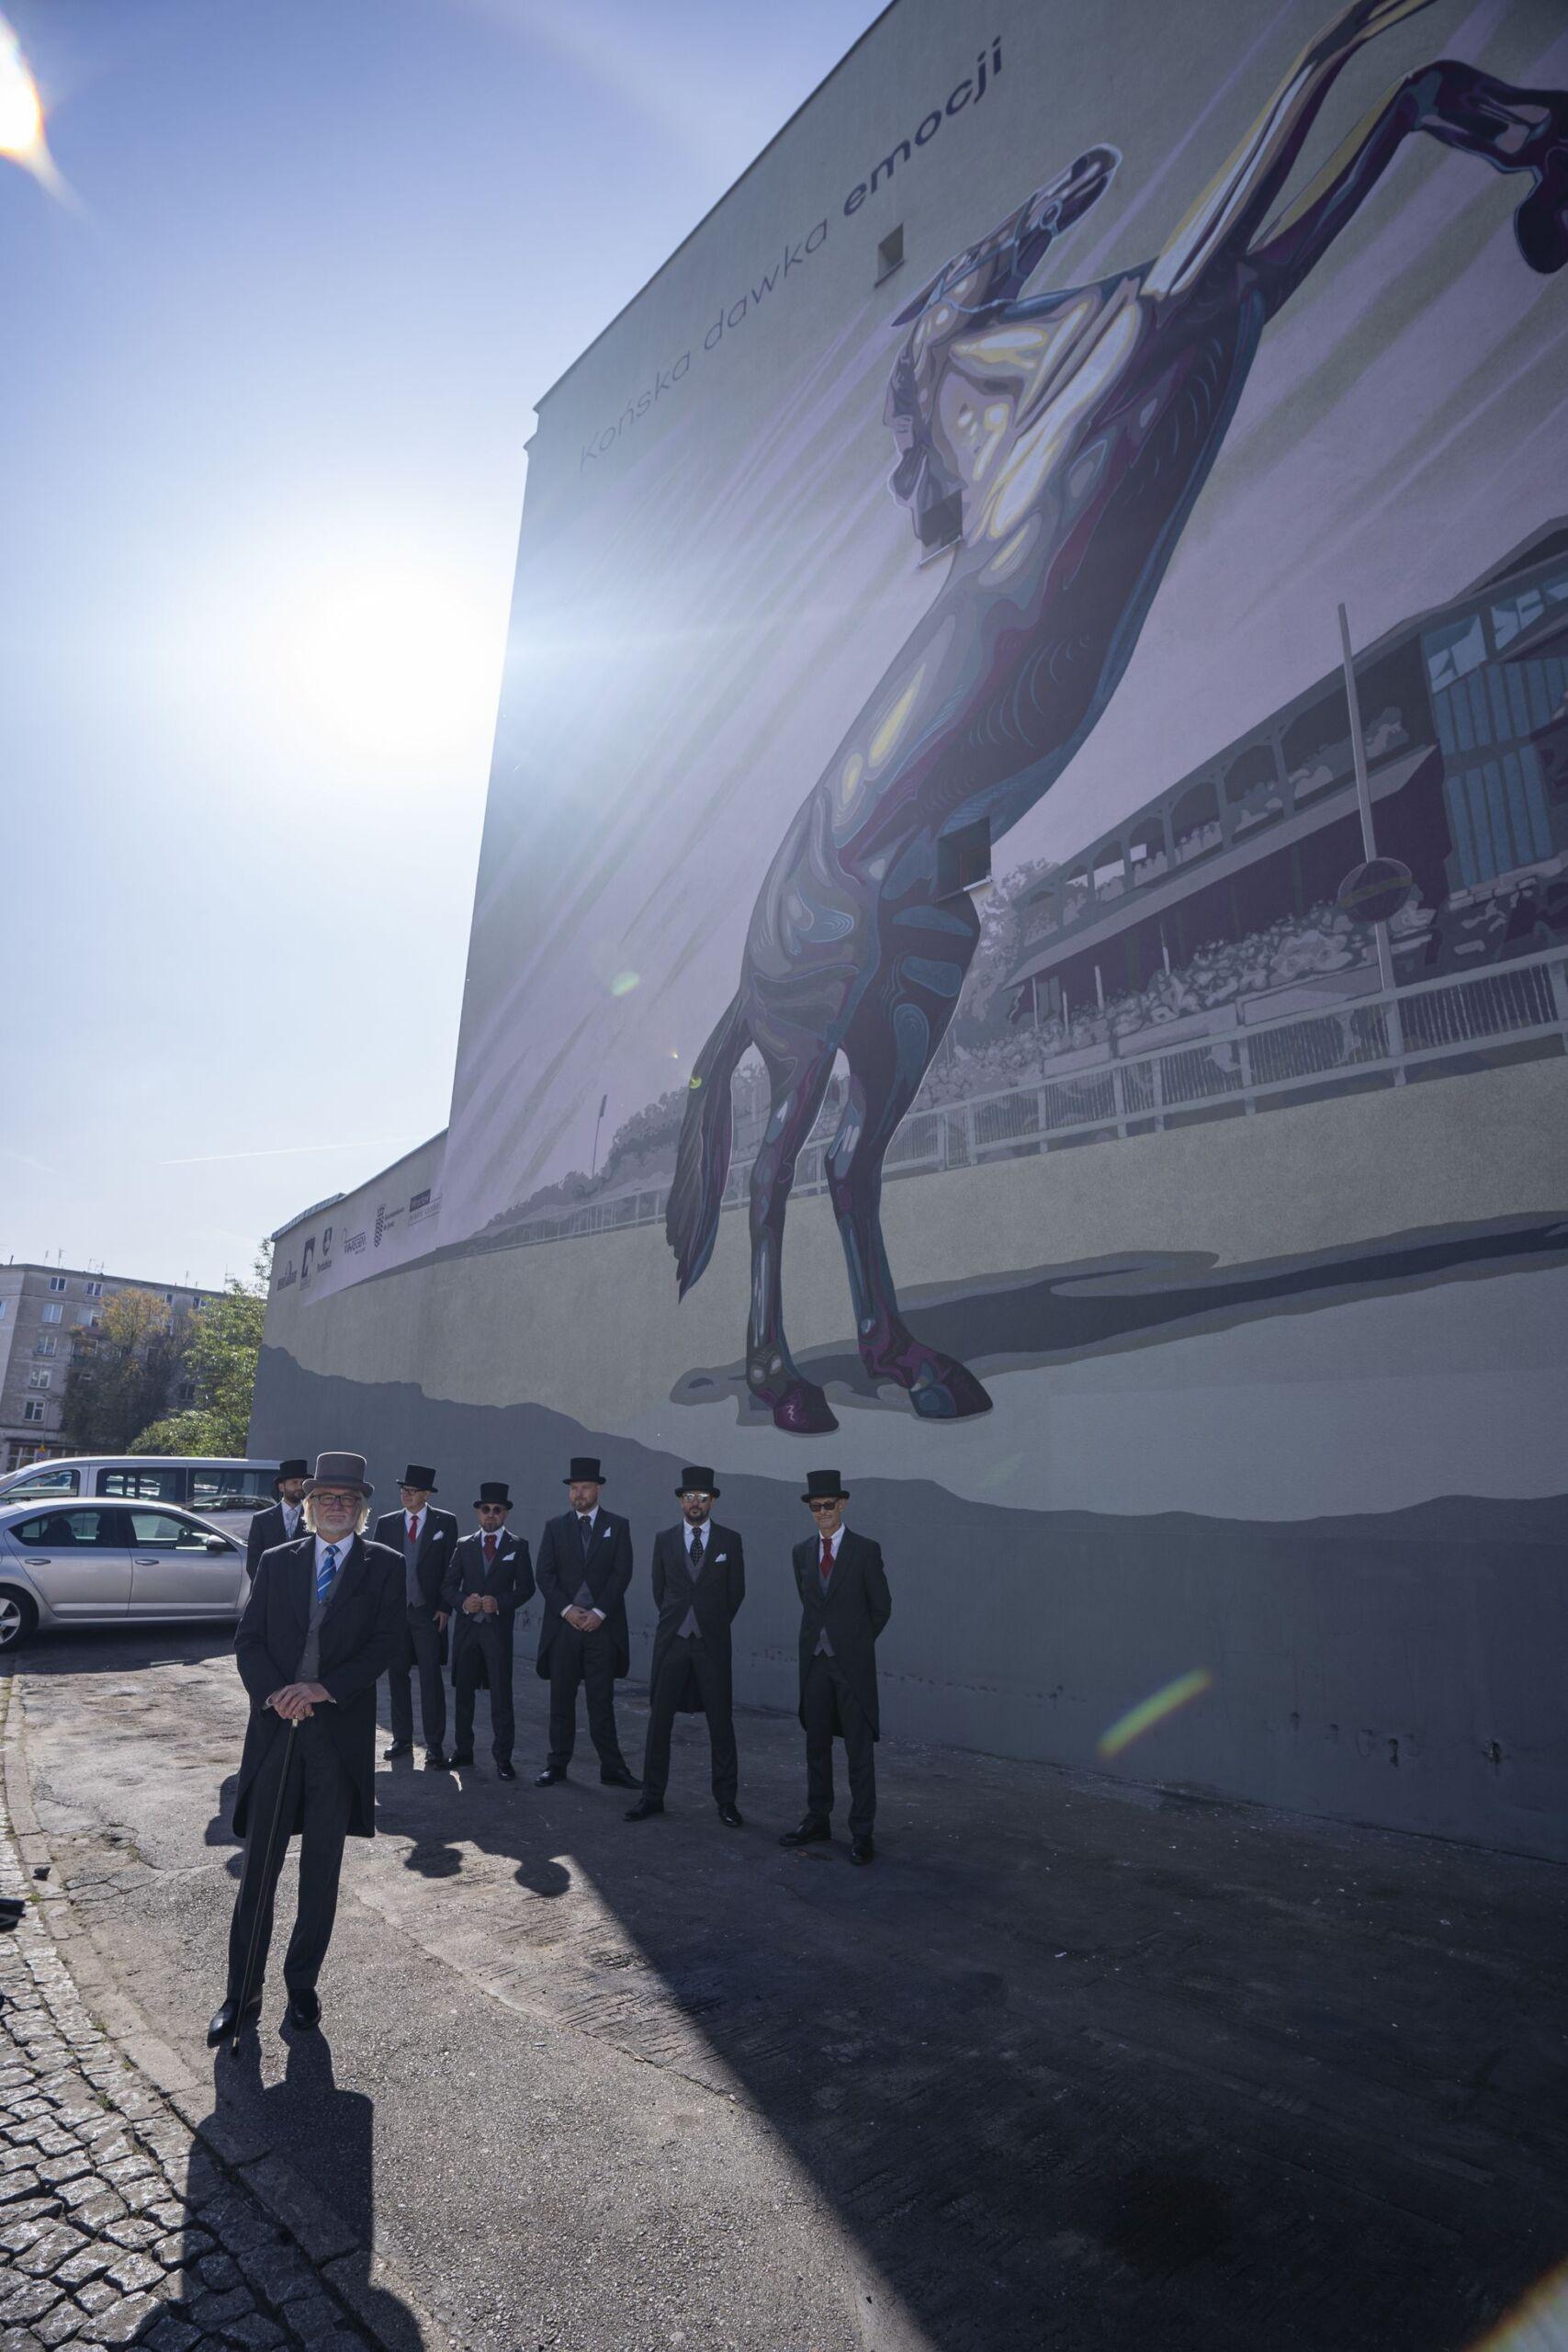 img: Koński mural